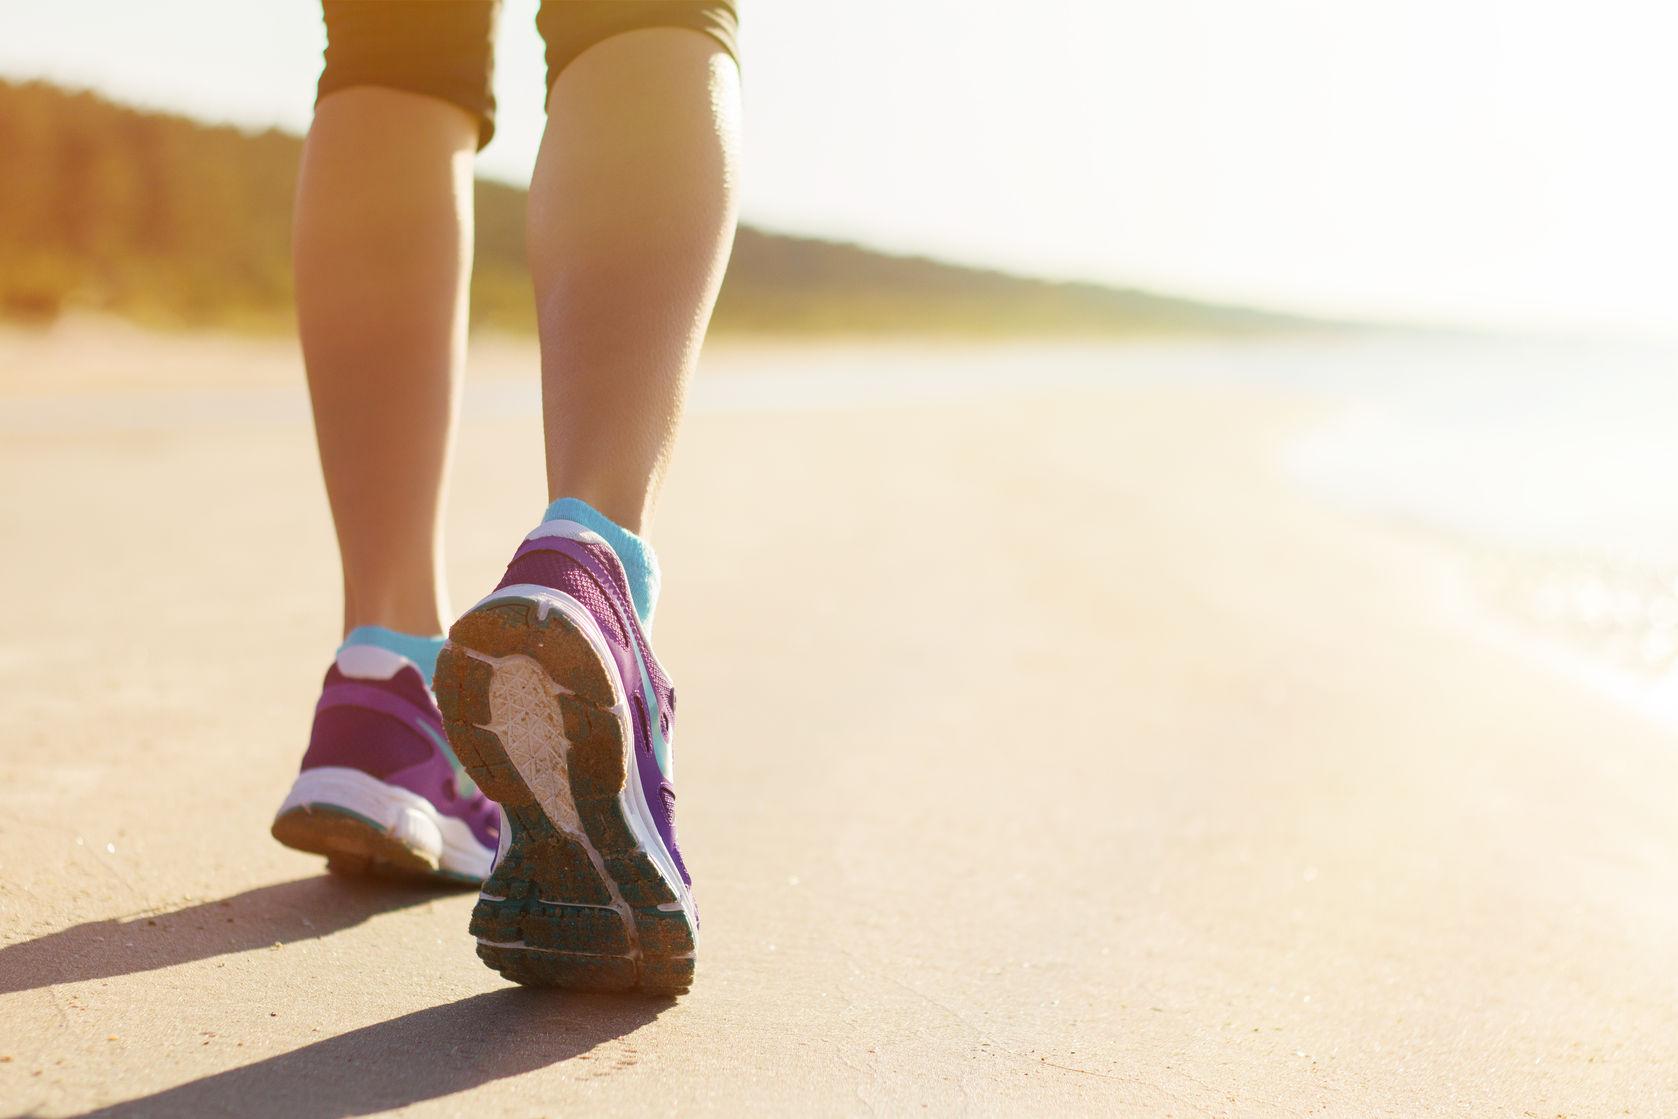 Juoksun aloittaminen on helppoa, kunhan perehtyy ensin aloittelijoiden yleisimpiin haasteisiin.